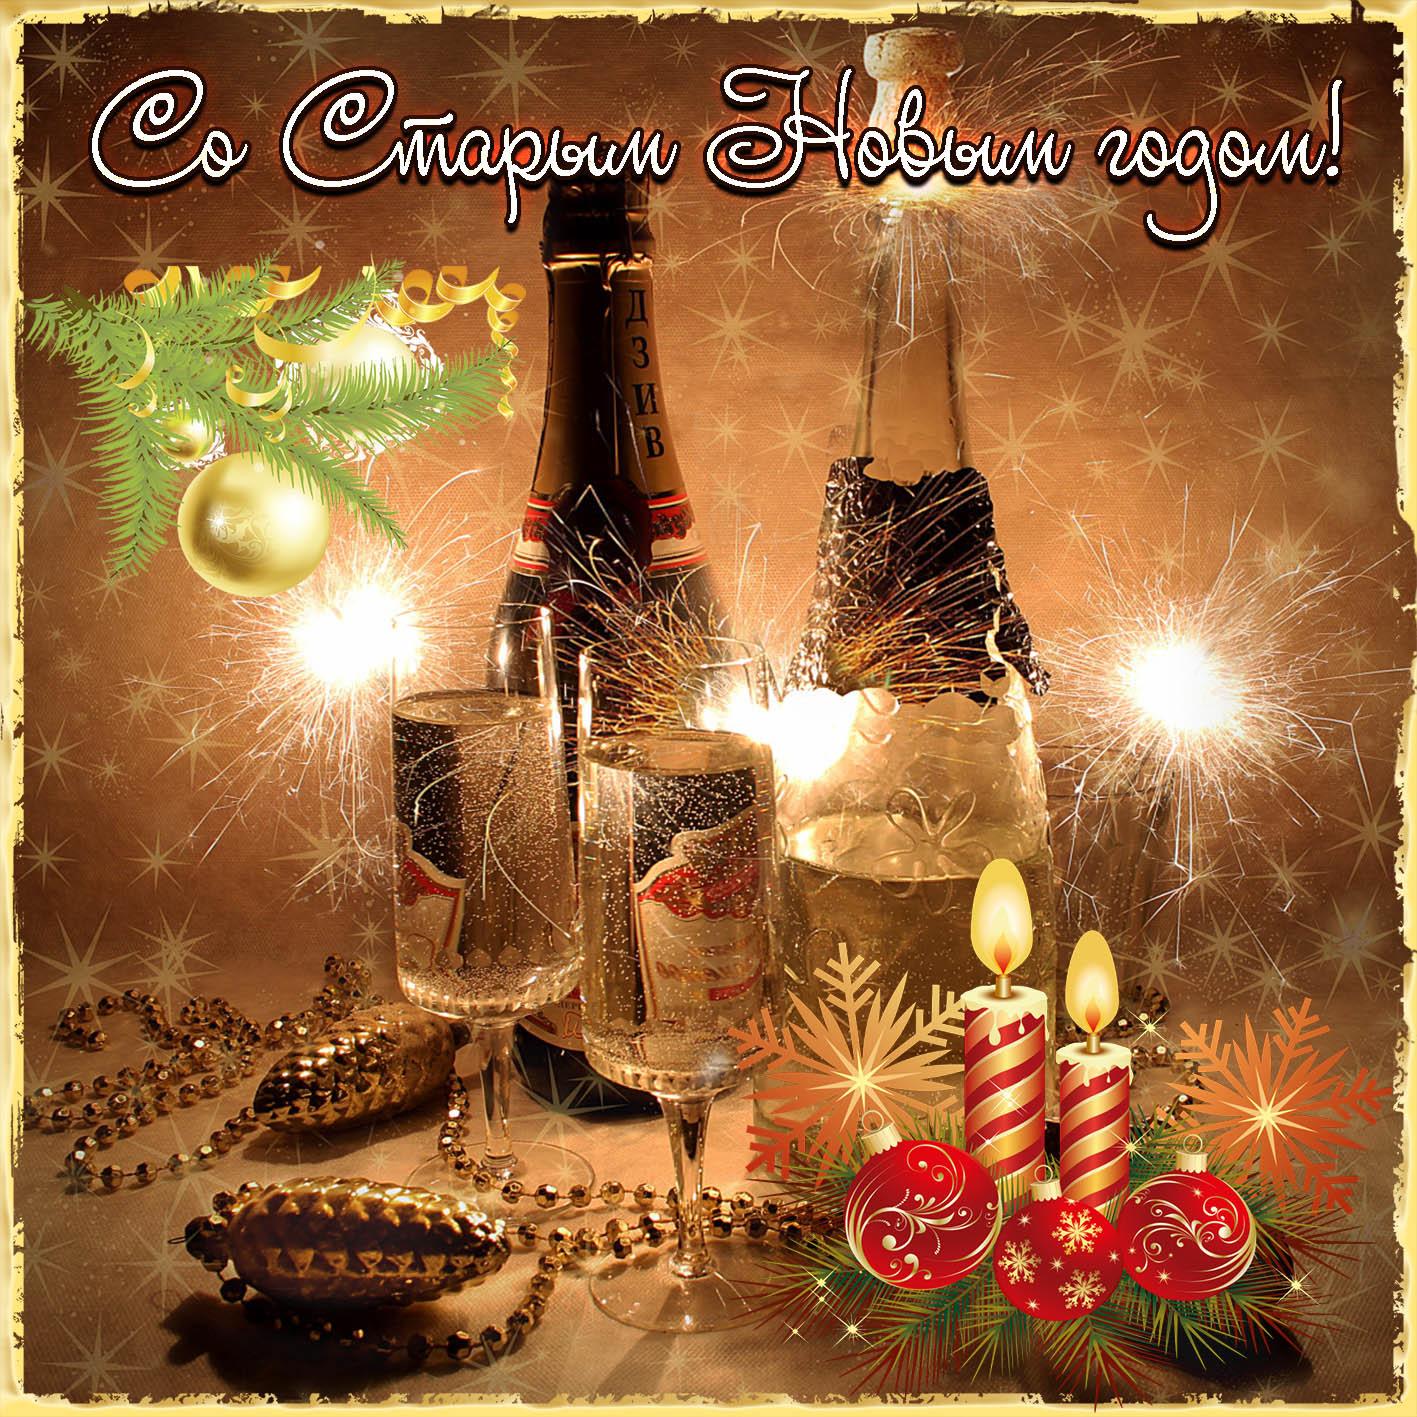 участии красивые поздравления с старым новым годом прикольные внимание стили детали